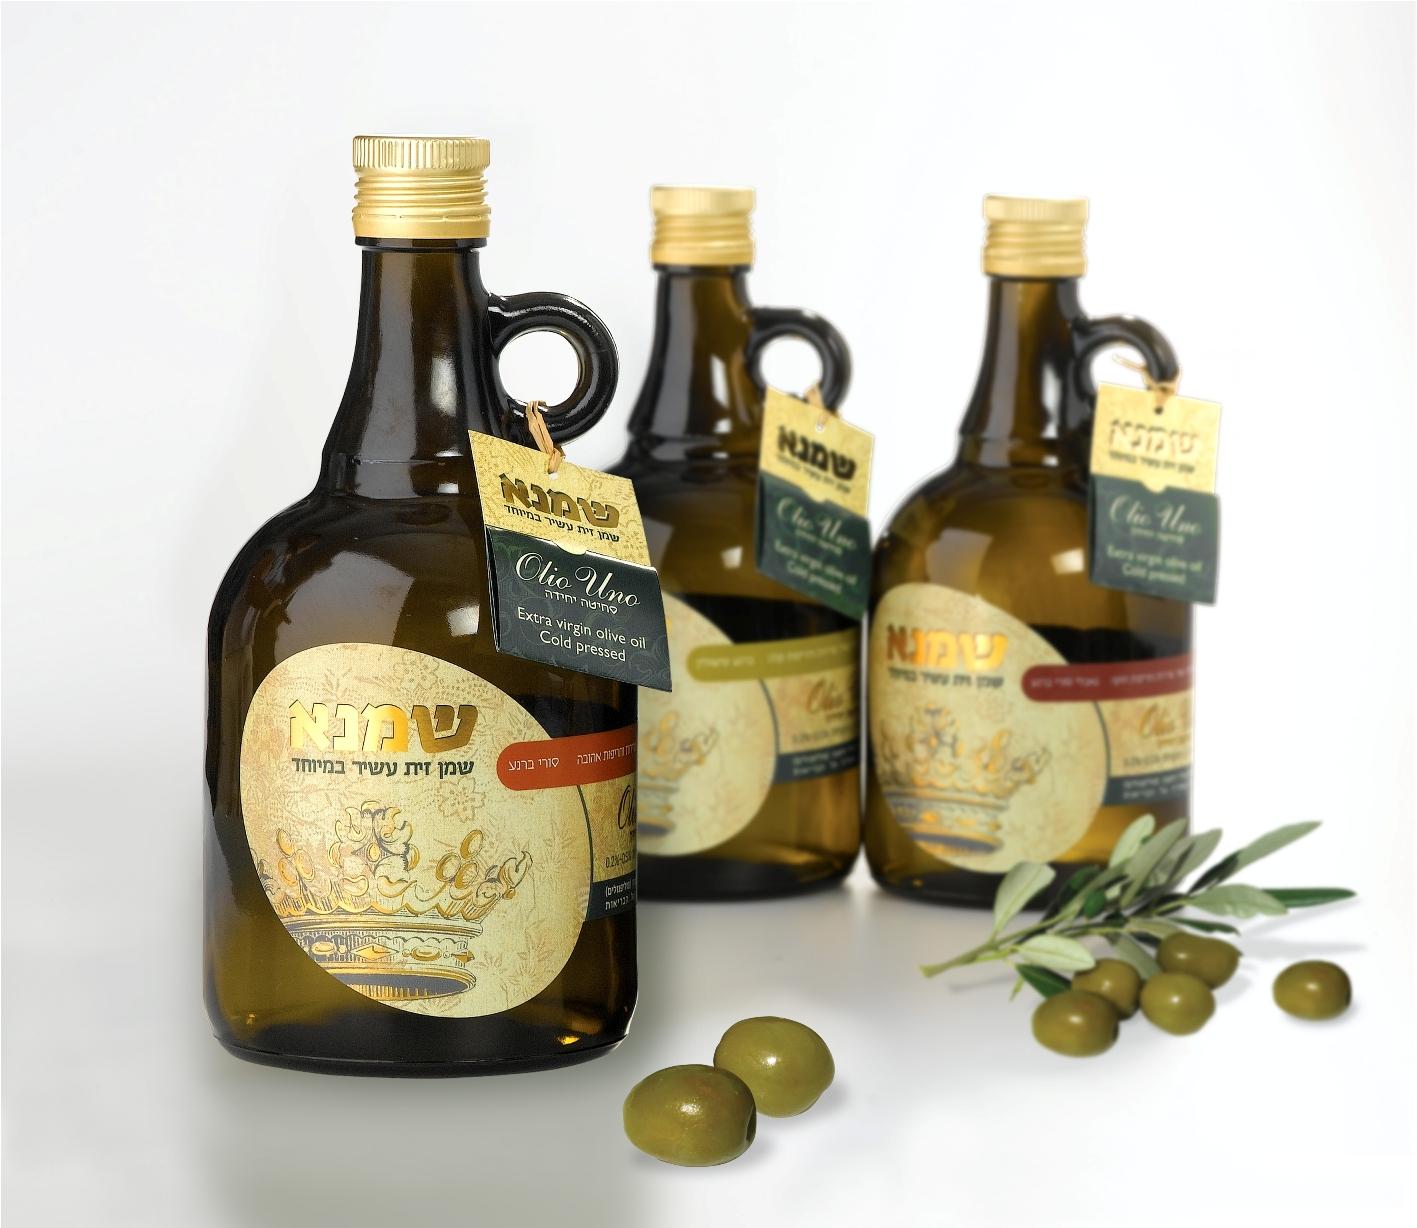 Рецепты красоты на основе оливкового масла